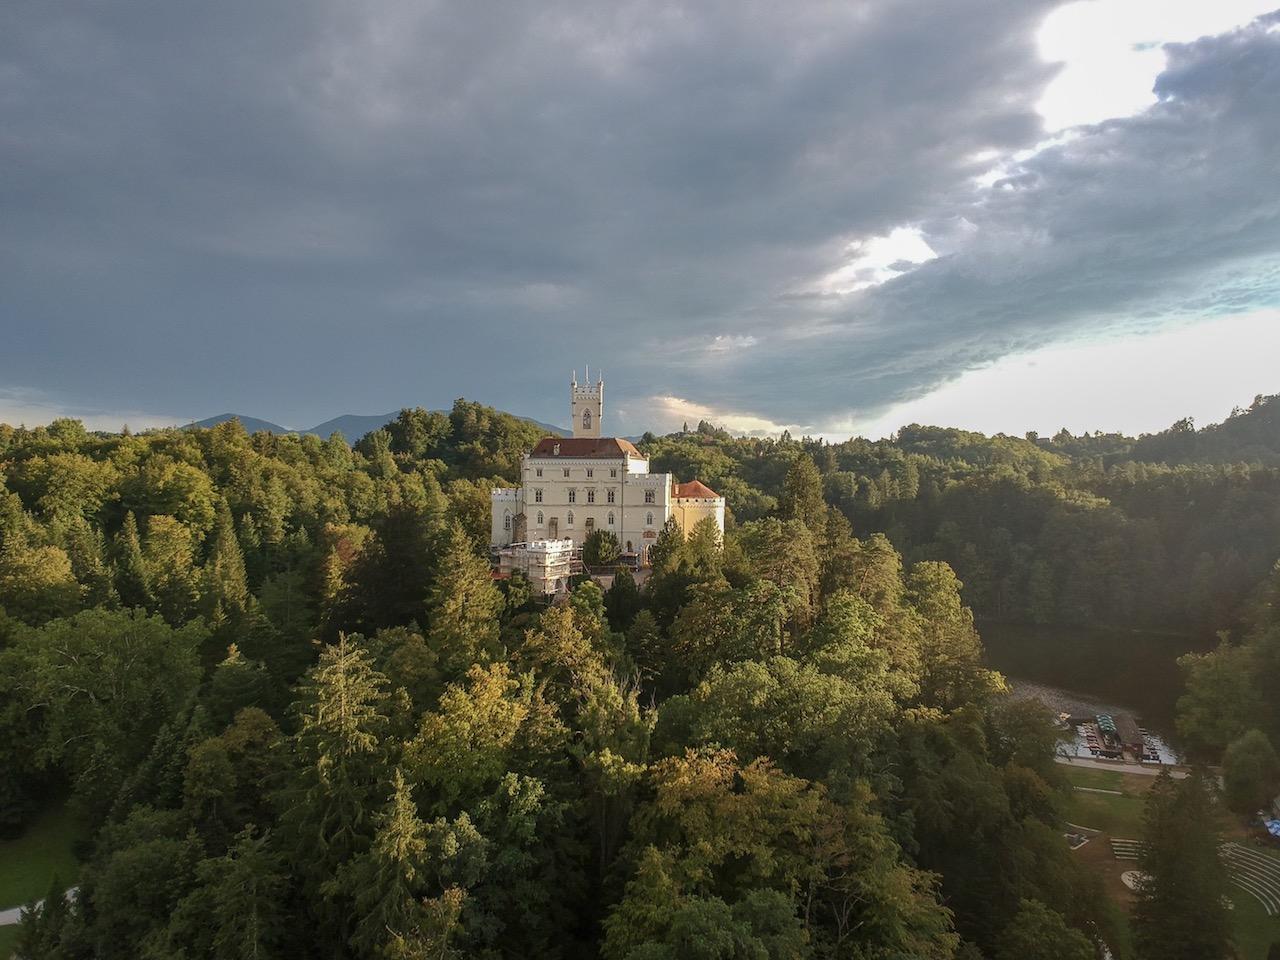 grad dvorec trakoščan